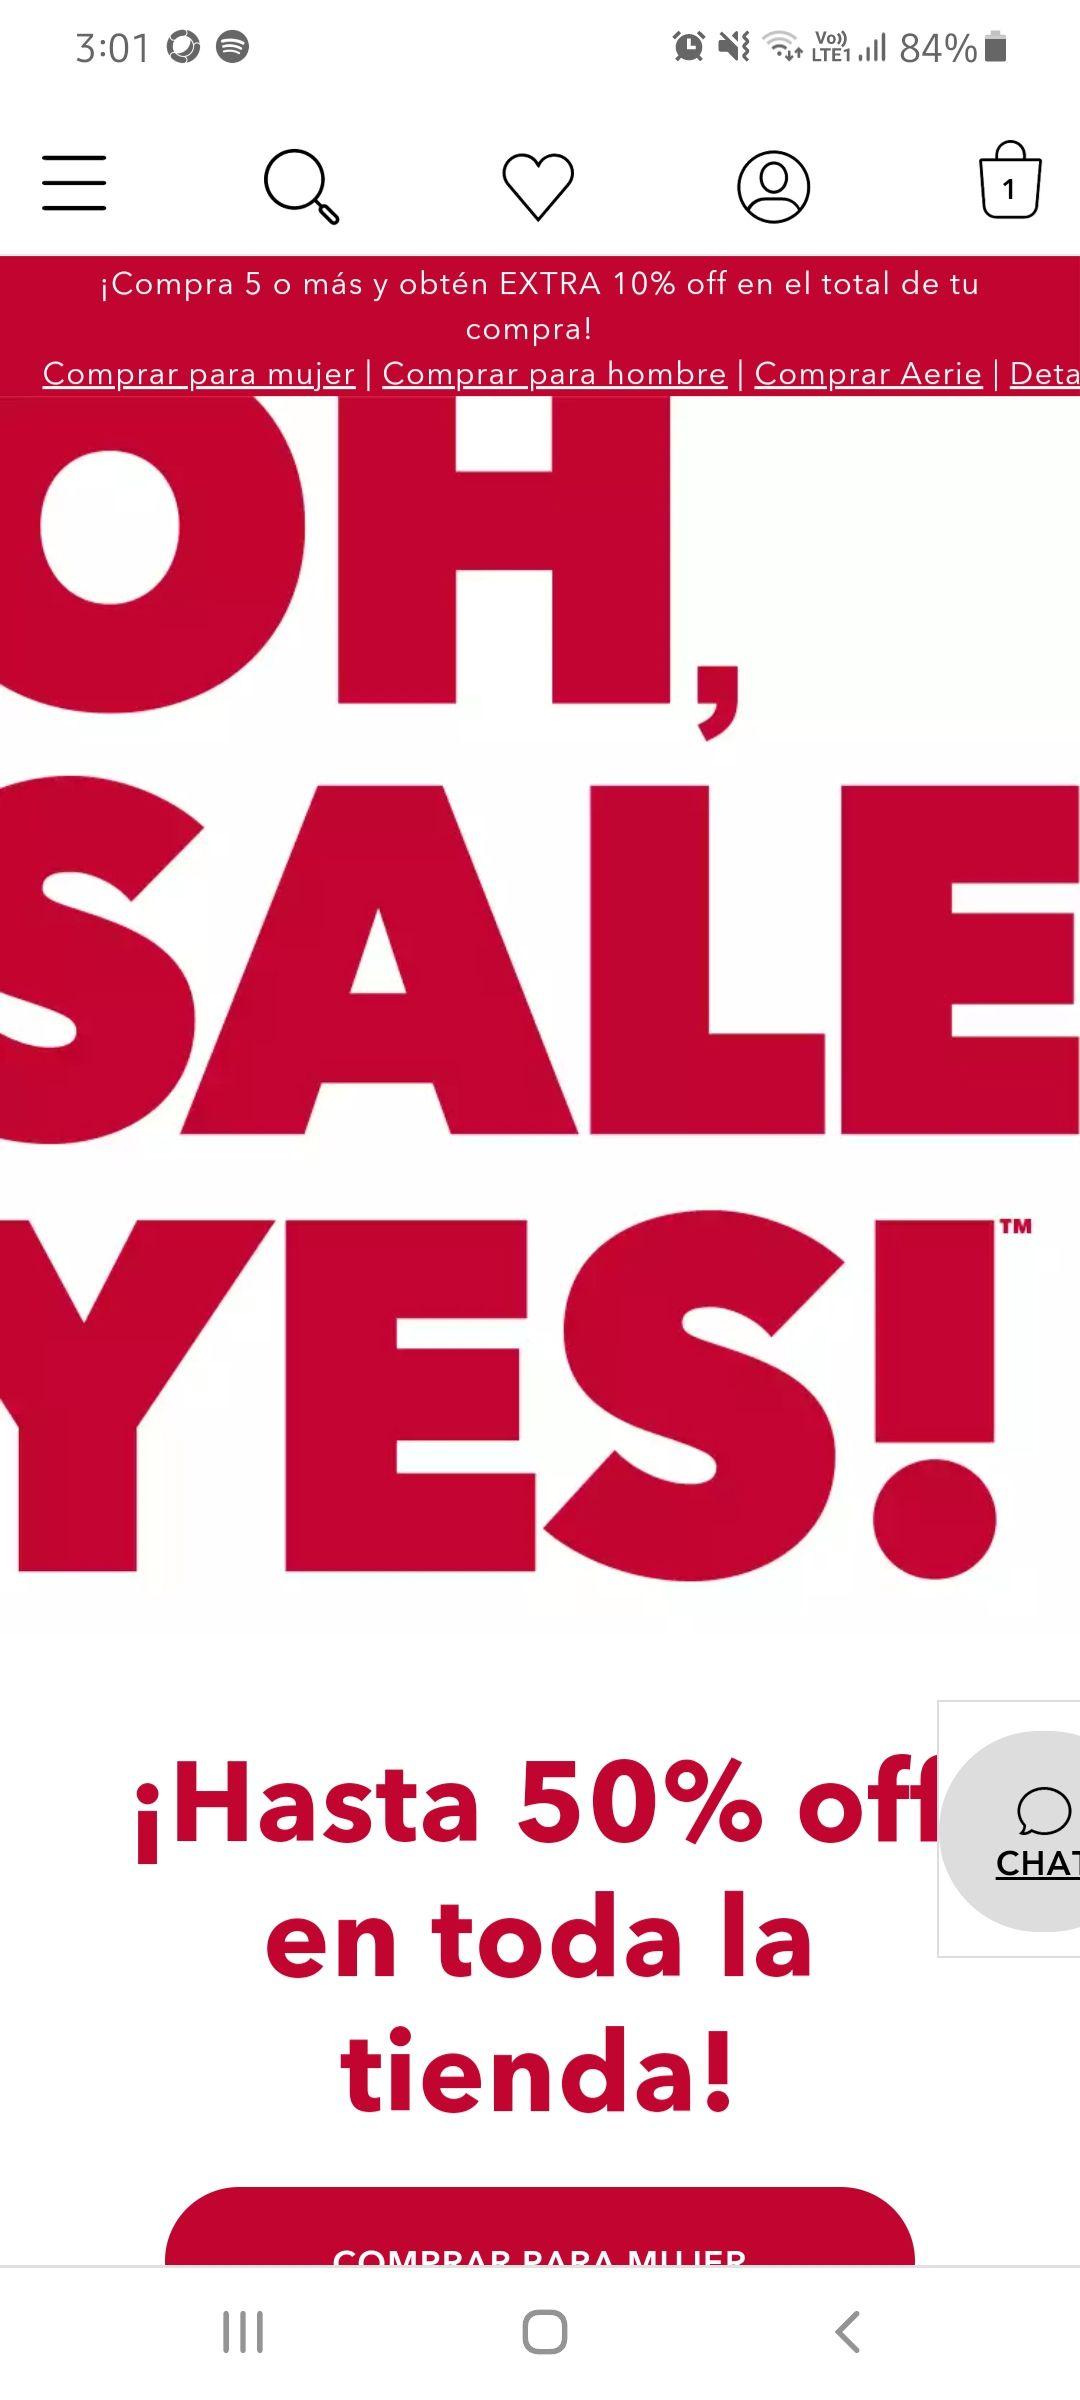 American Eagle: Rebajas - Hasta 50% off en toda la tienda